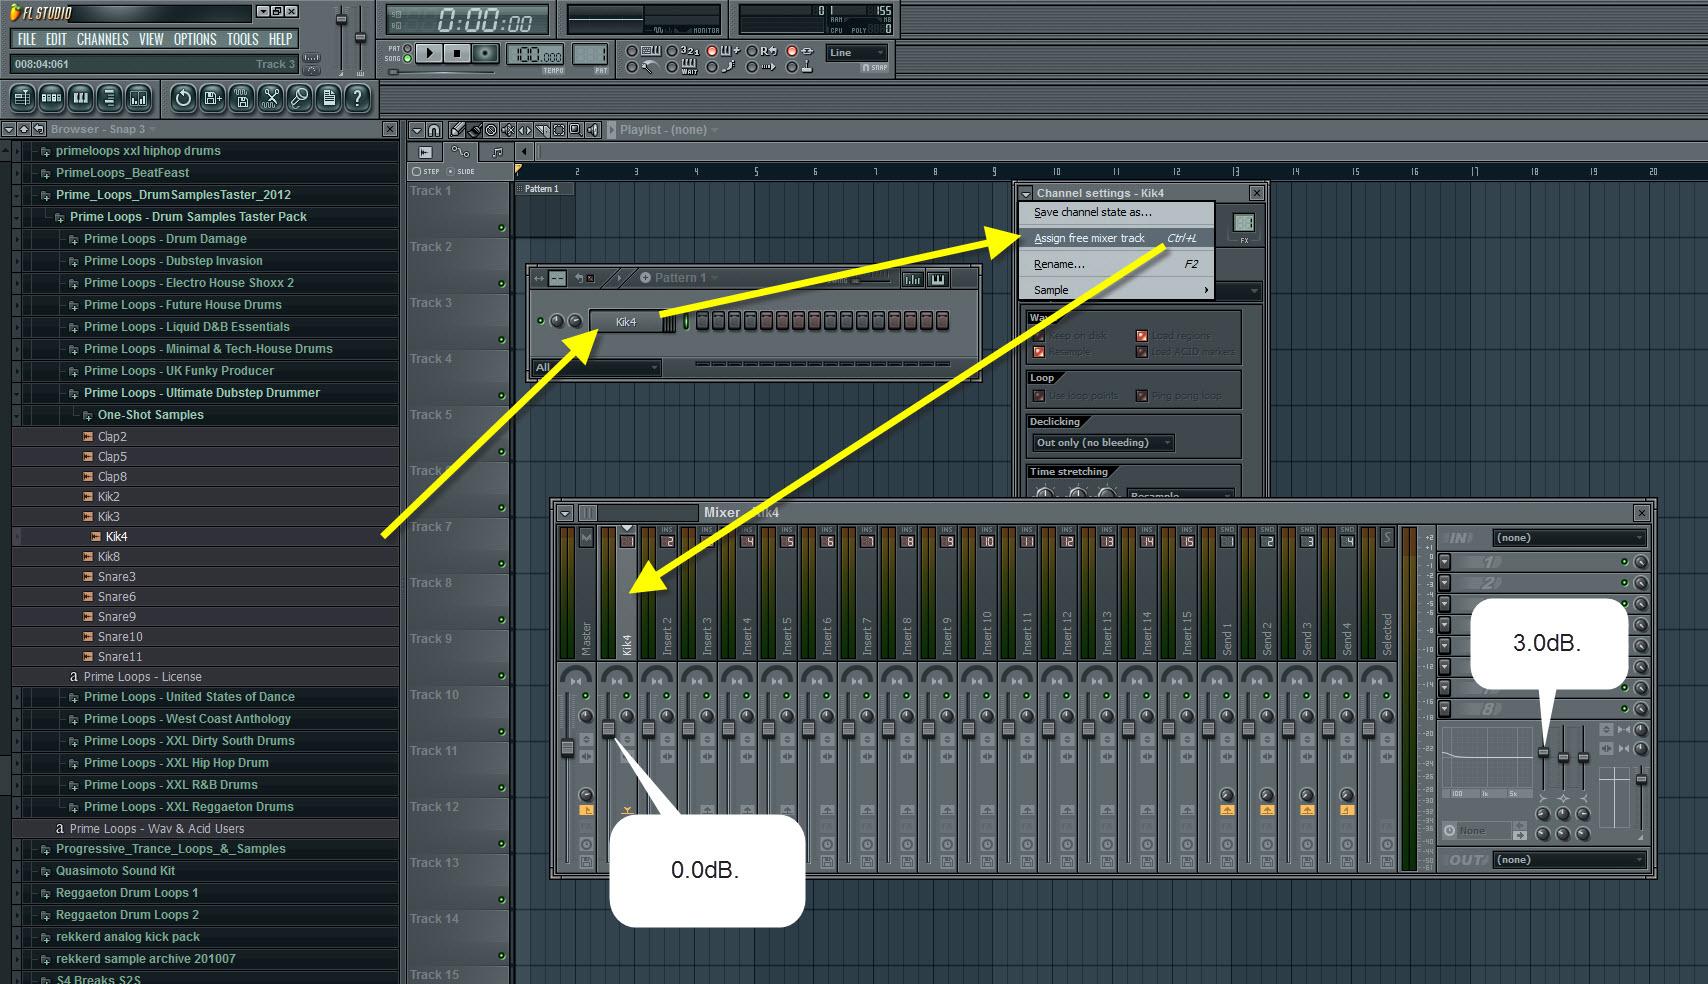 Kik4 Mixer Settings